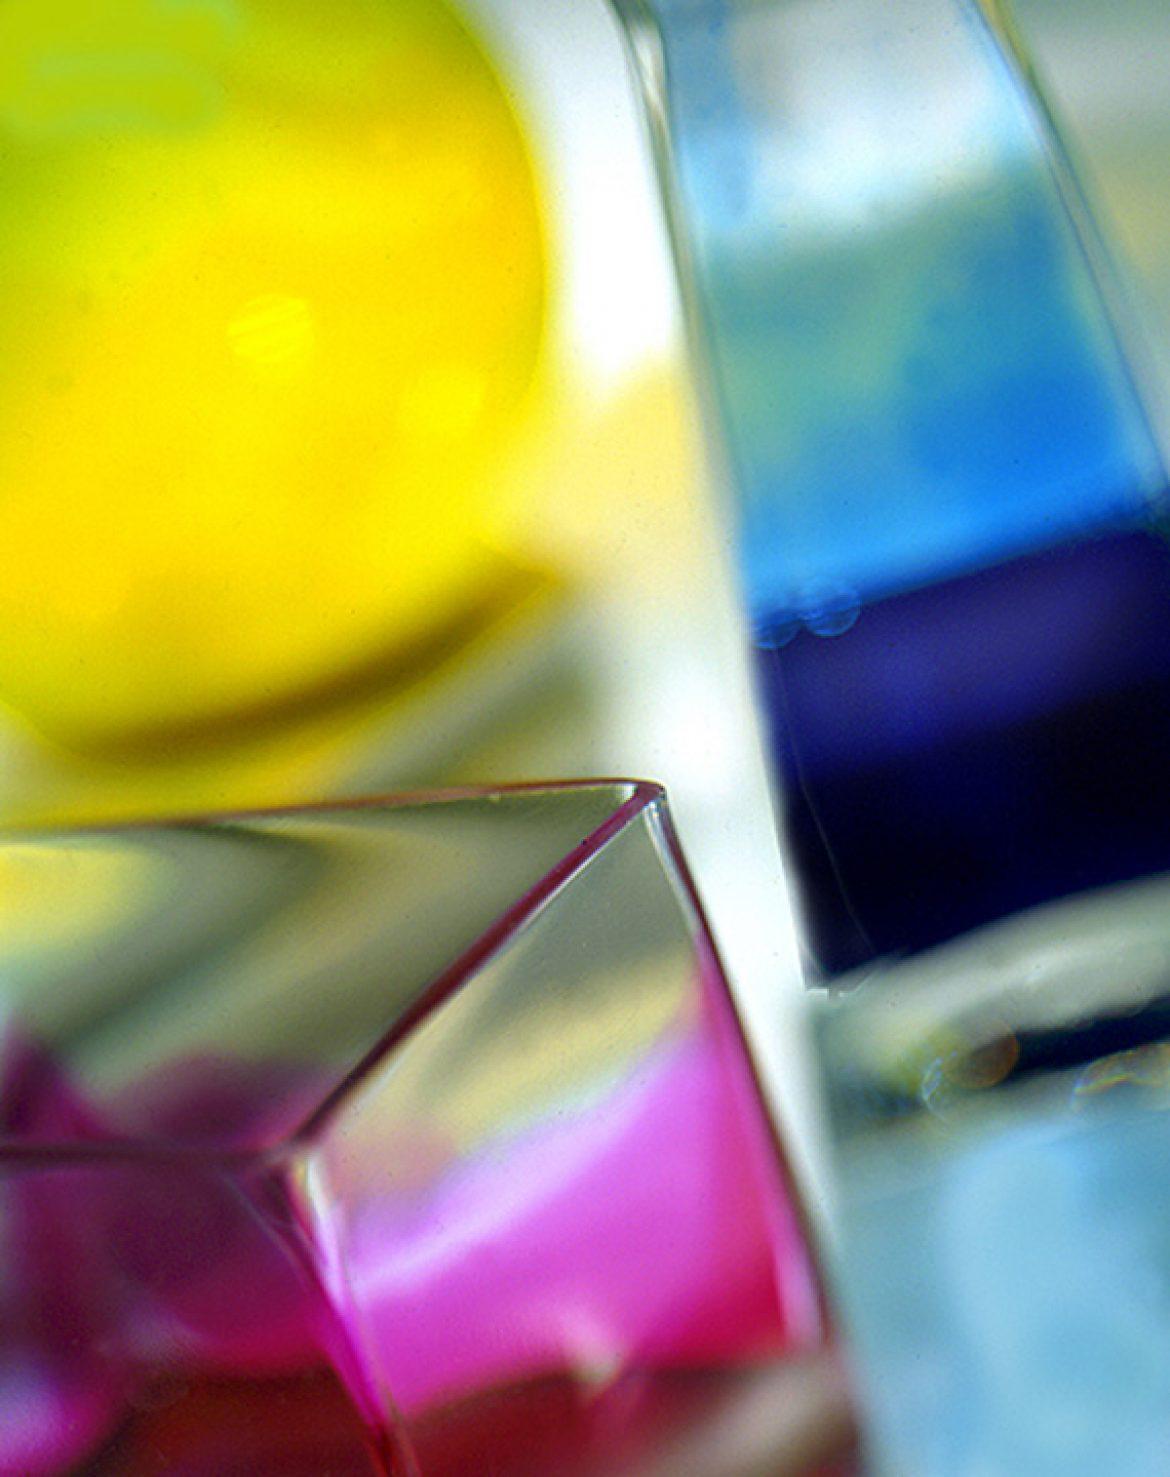 Clariant Pigments